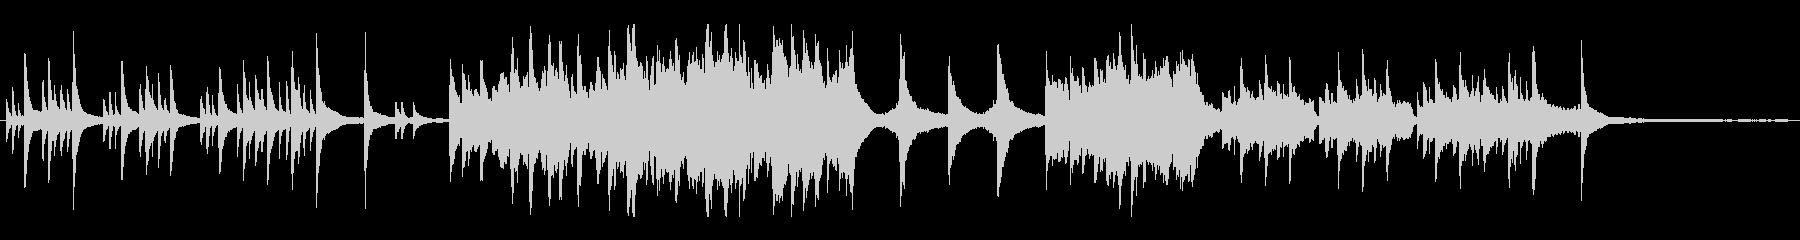 ピアノとストリングスの切ない雰囲気の未再生の波形